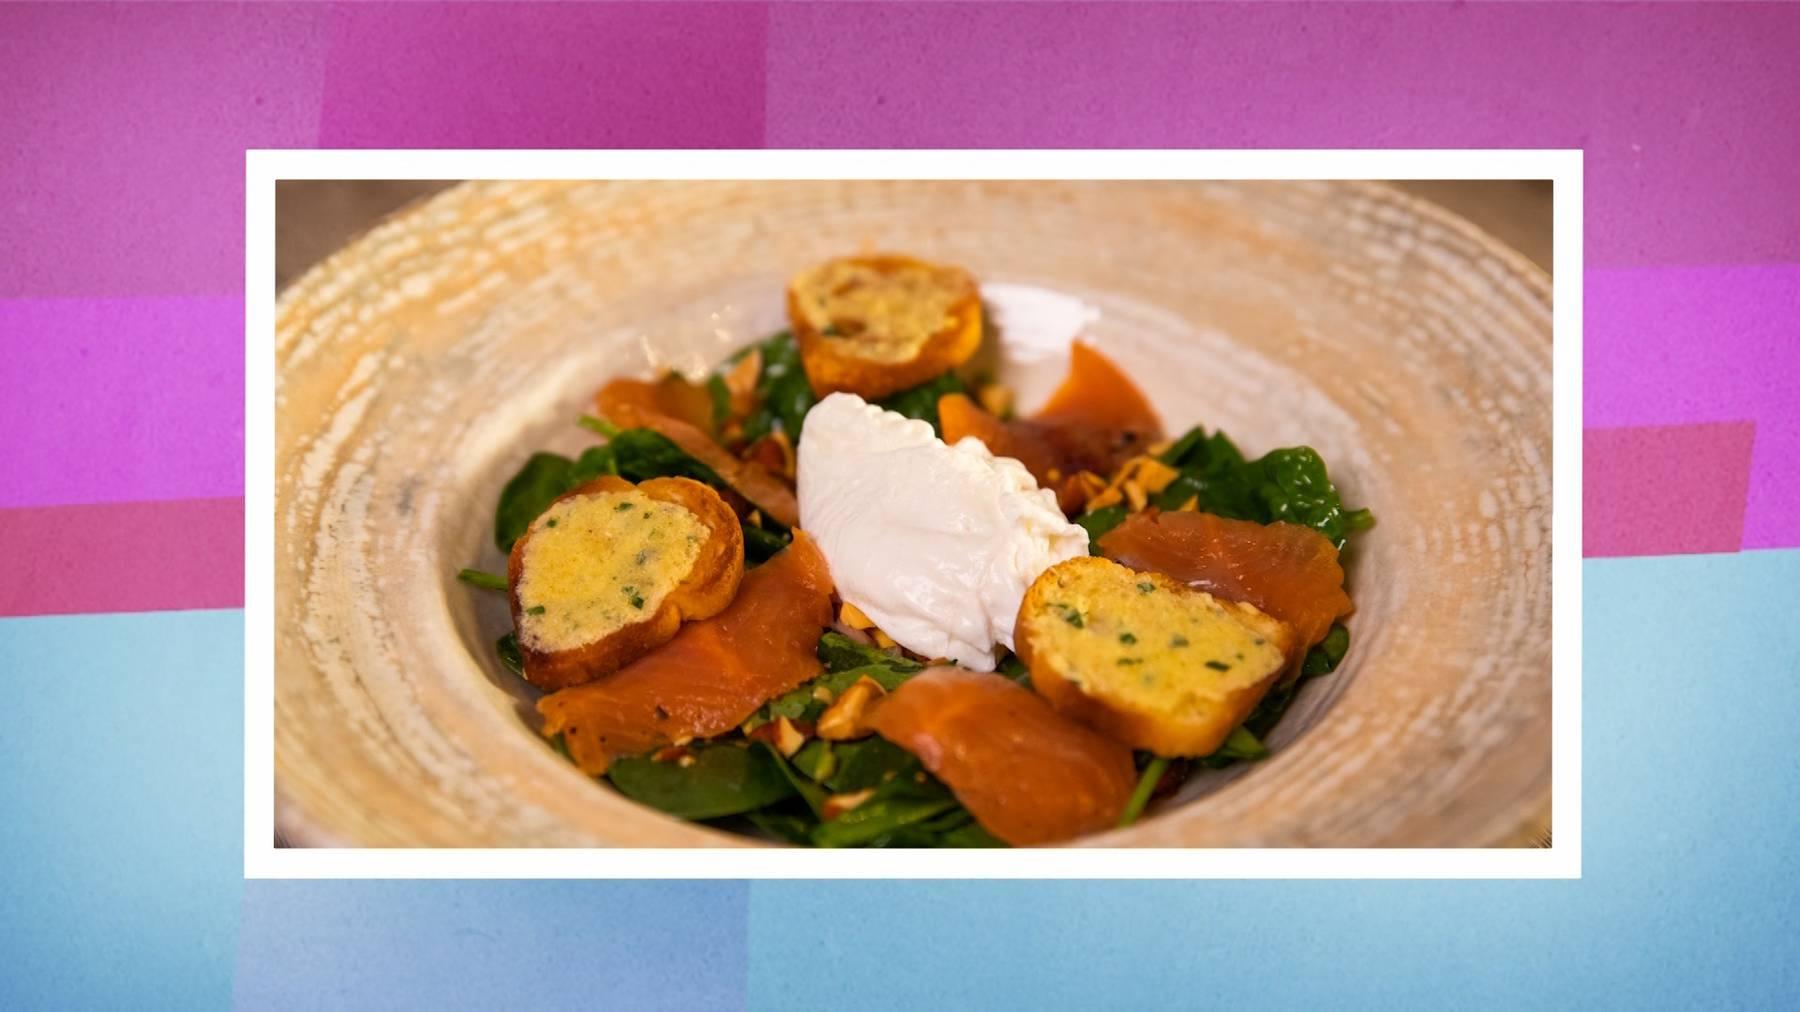 Vorspeise: Spinatsalat an Orangen-Mandel-Dressing mit Onsen Ei und Streifen von hausmariniertem Schweizer Saibling